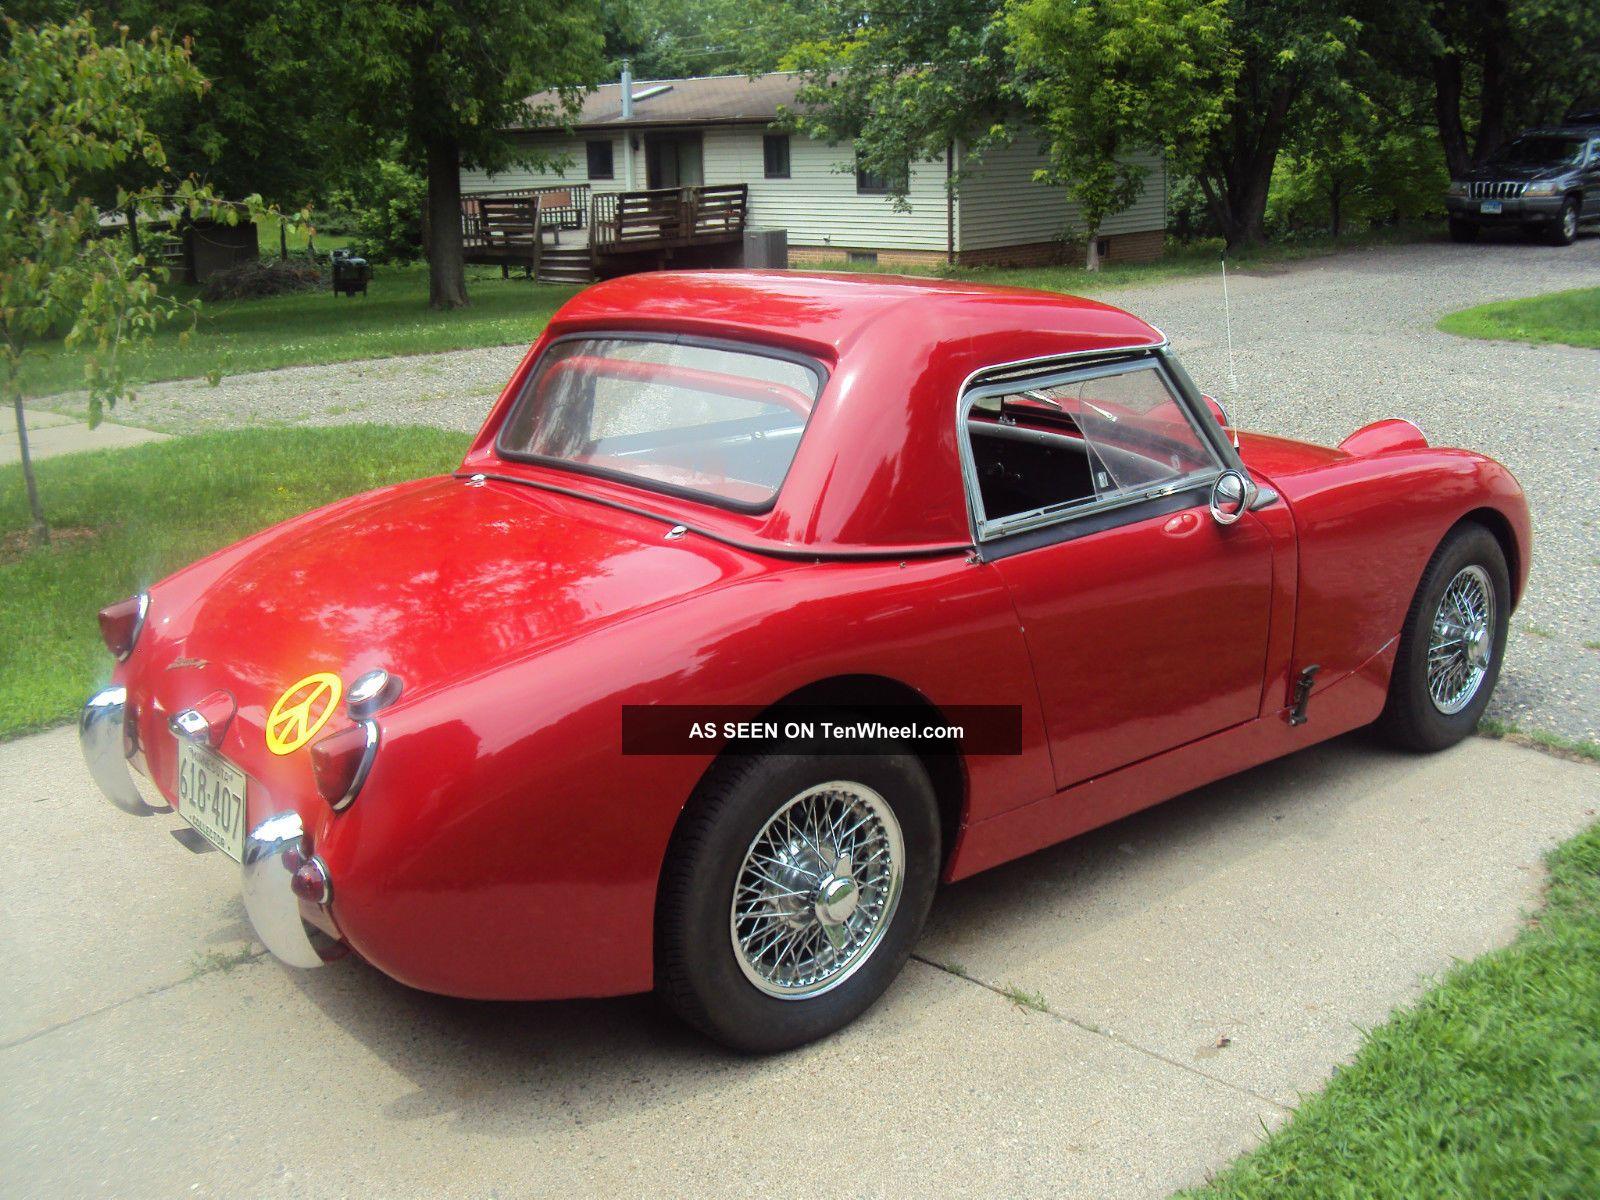 Austin Healey Bugeye Sprite 1959